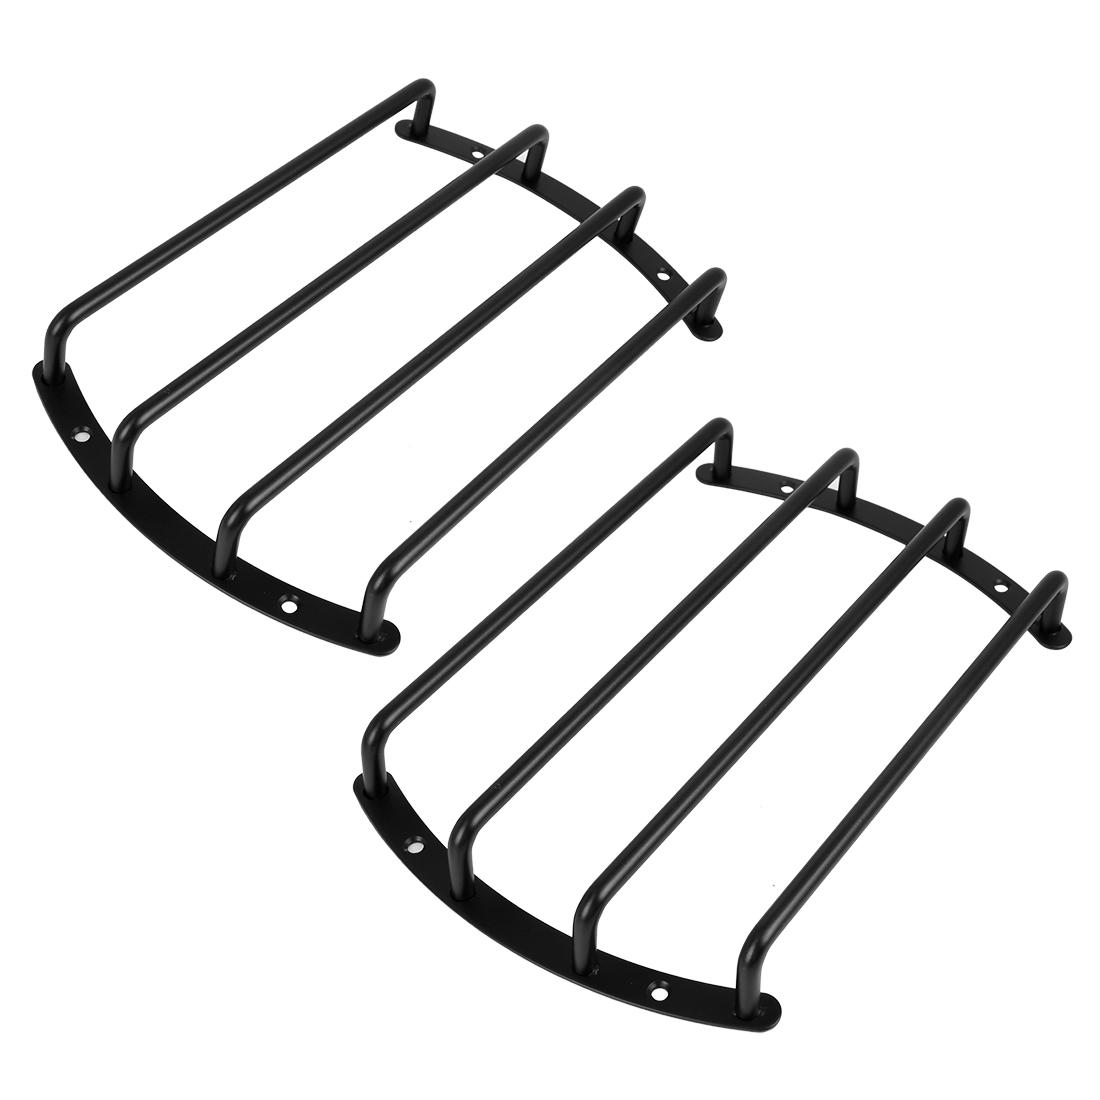 2pcs 8 Inch Black Metal Car Bar Grille Subwoofer Speaker Grill Cover Guard